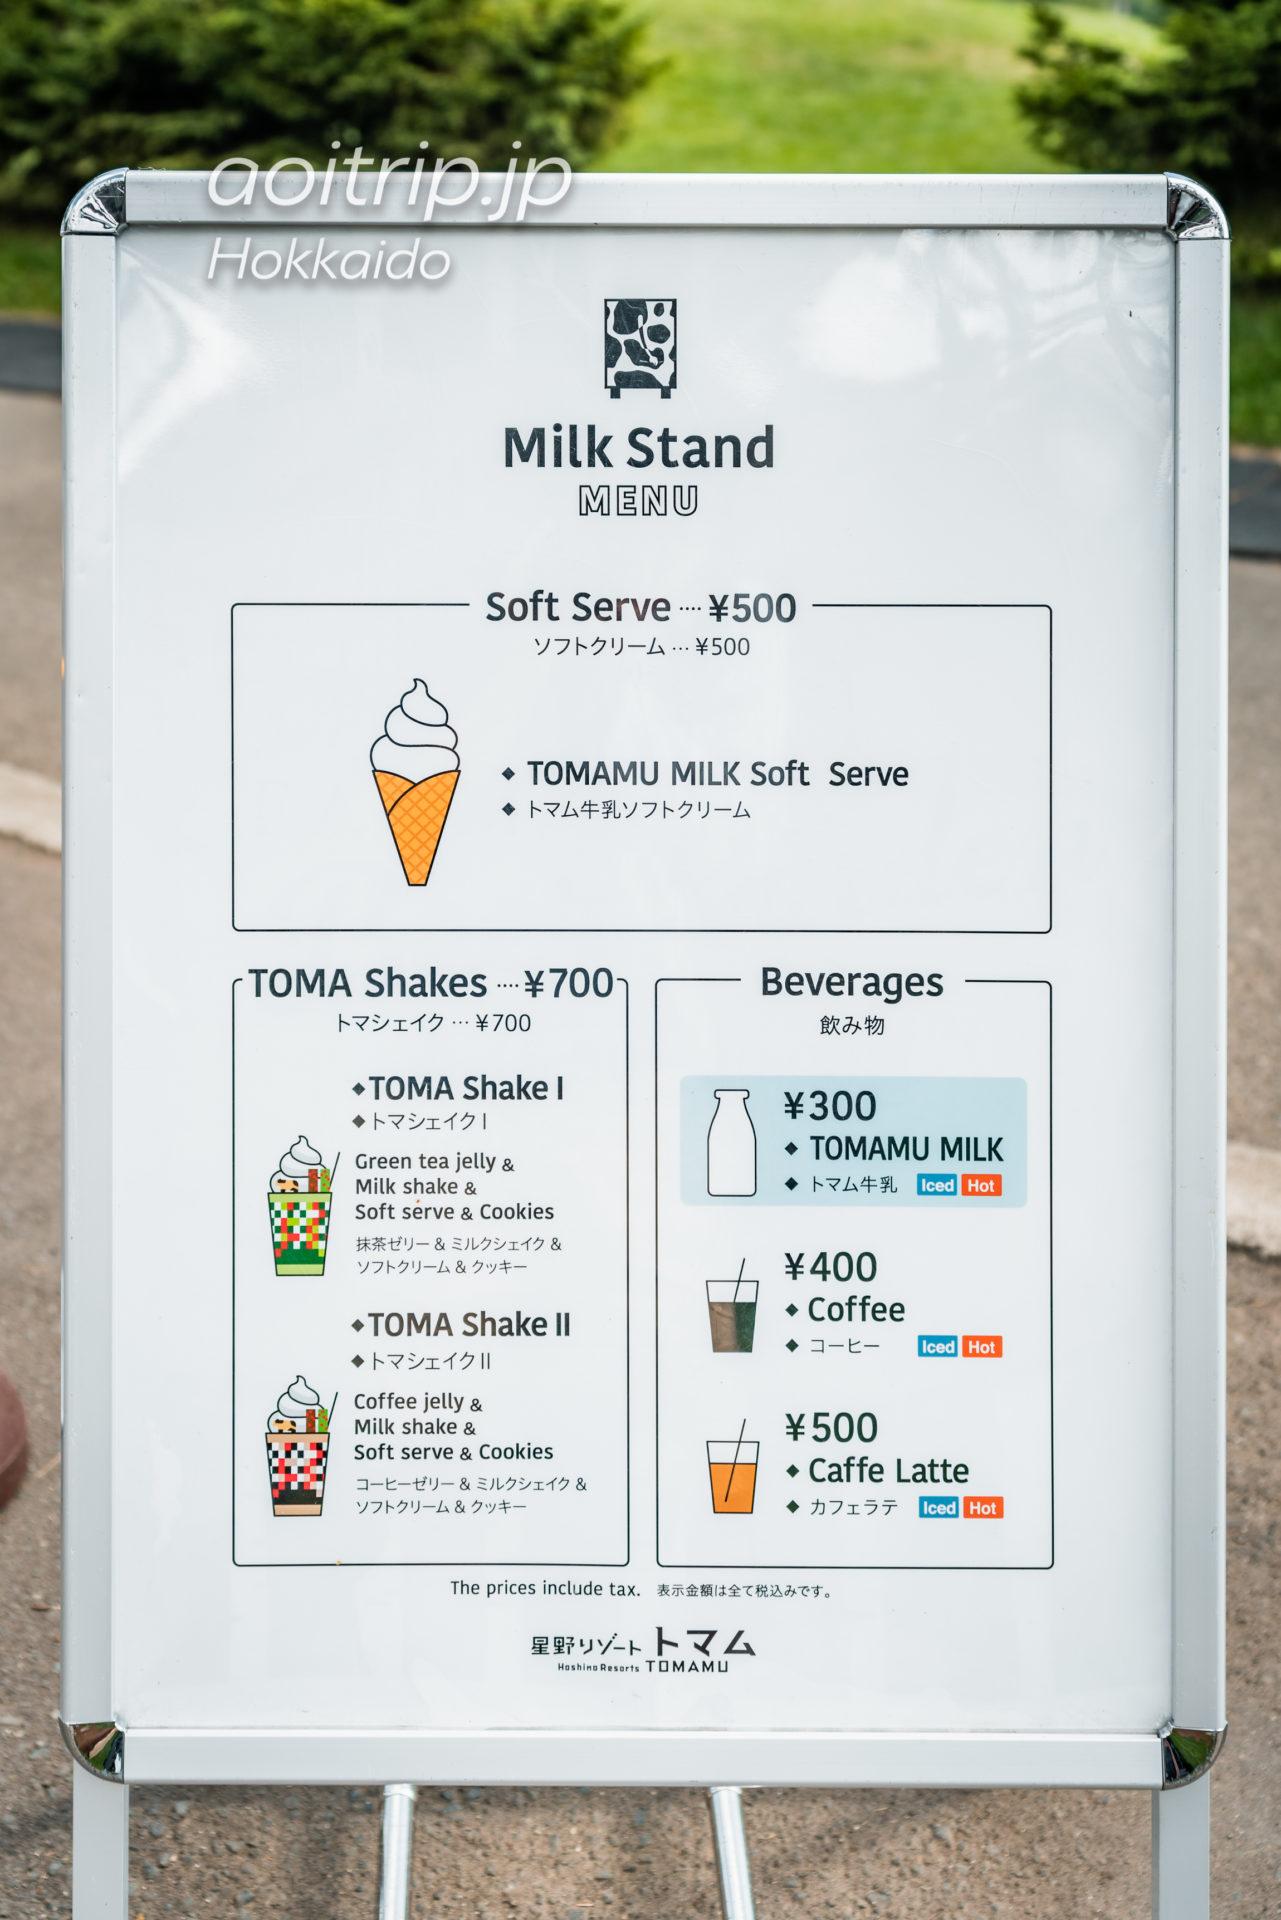 星野リゾートトマム Milk Standのメニュー